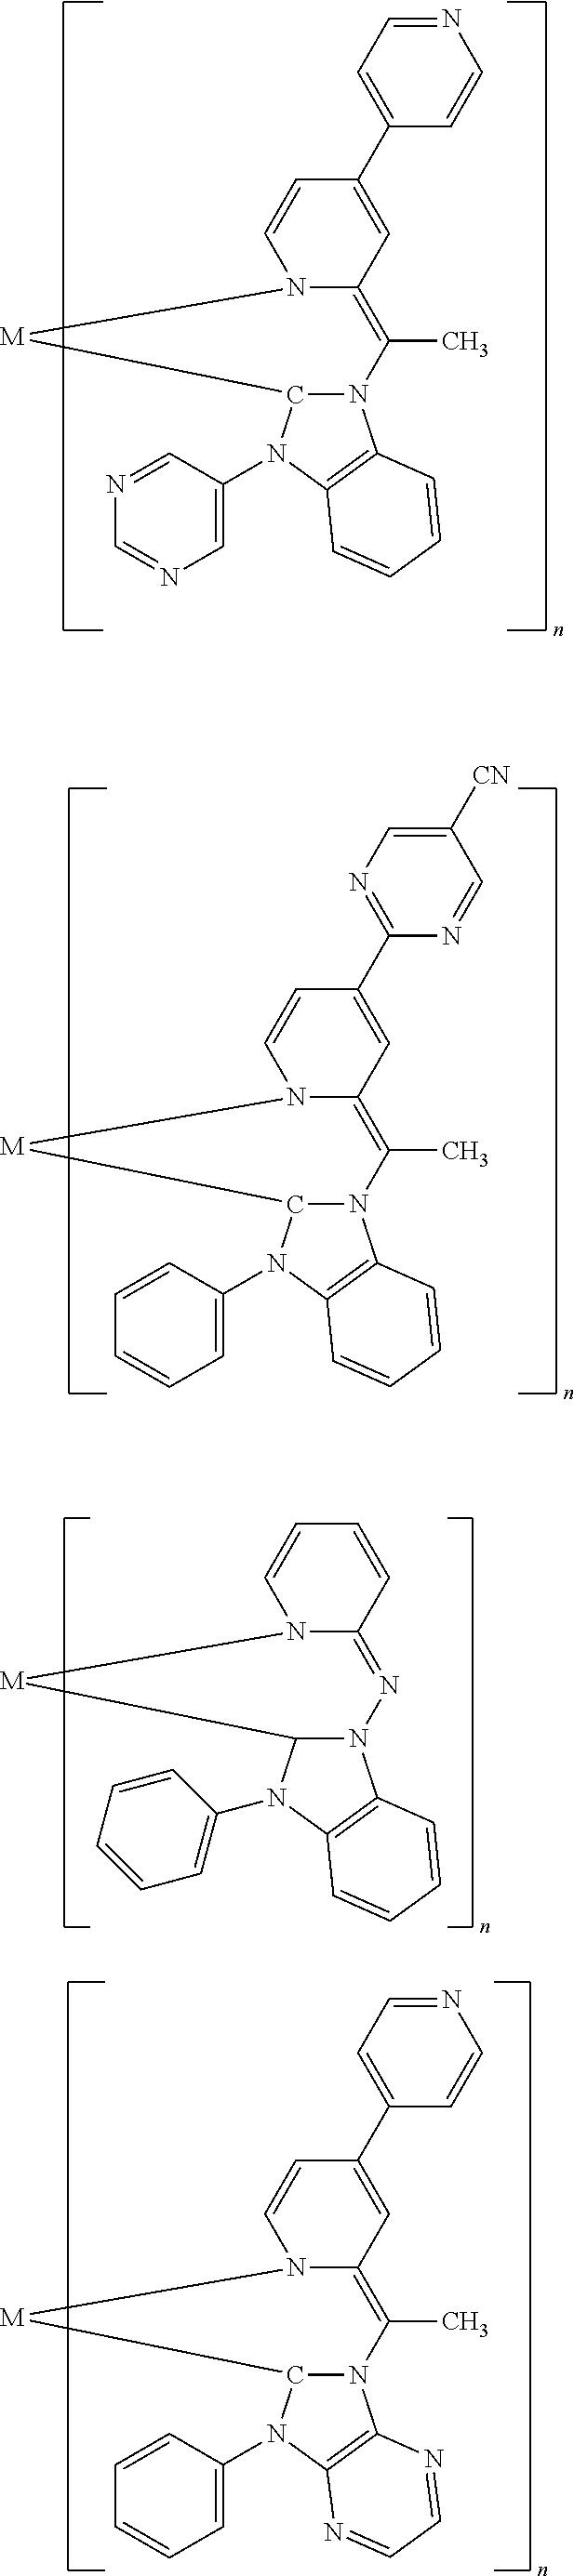 Figure US09966544-20180508-C00030